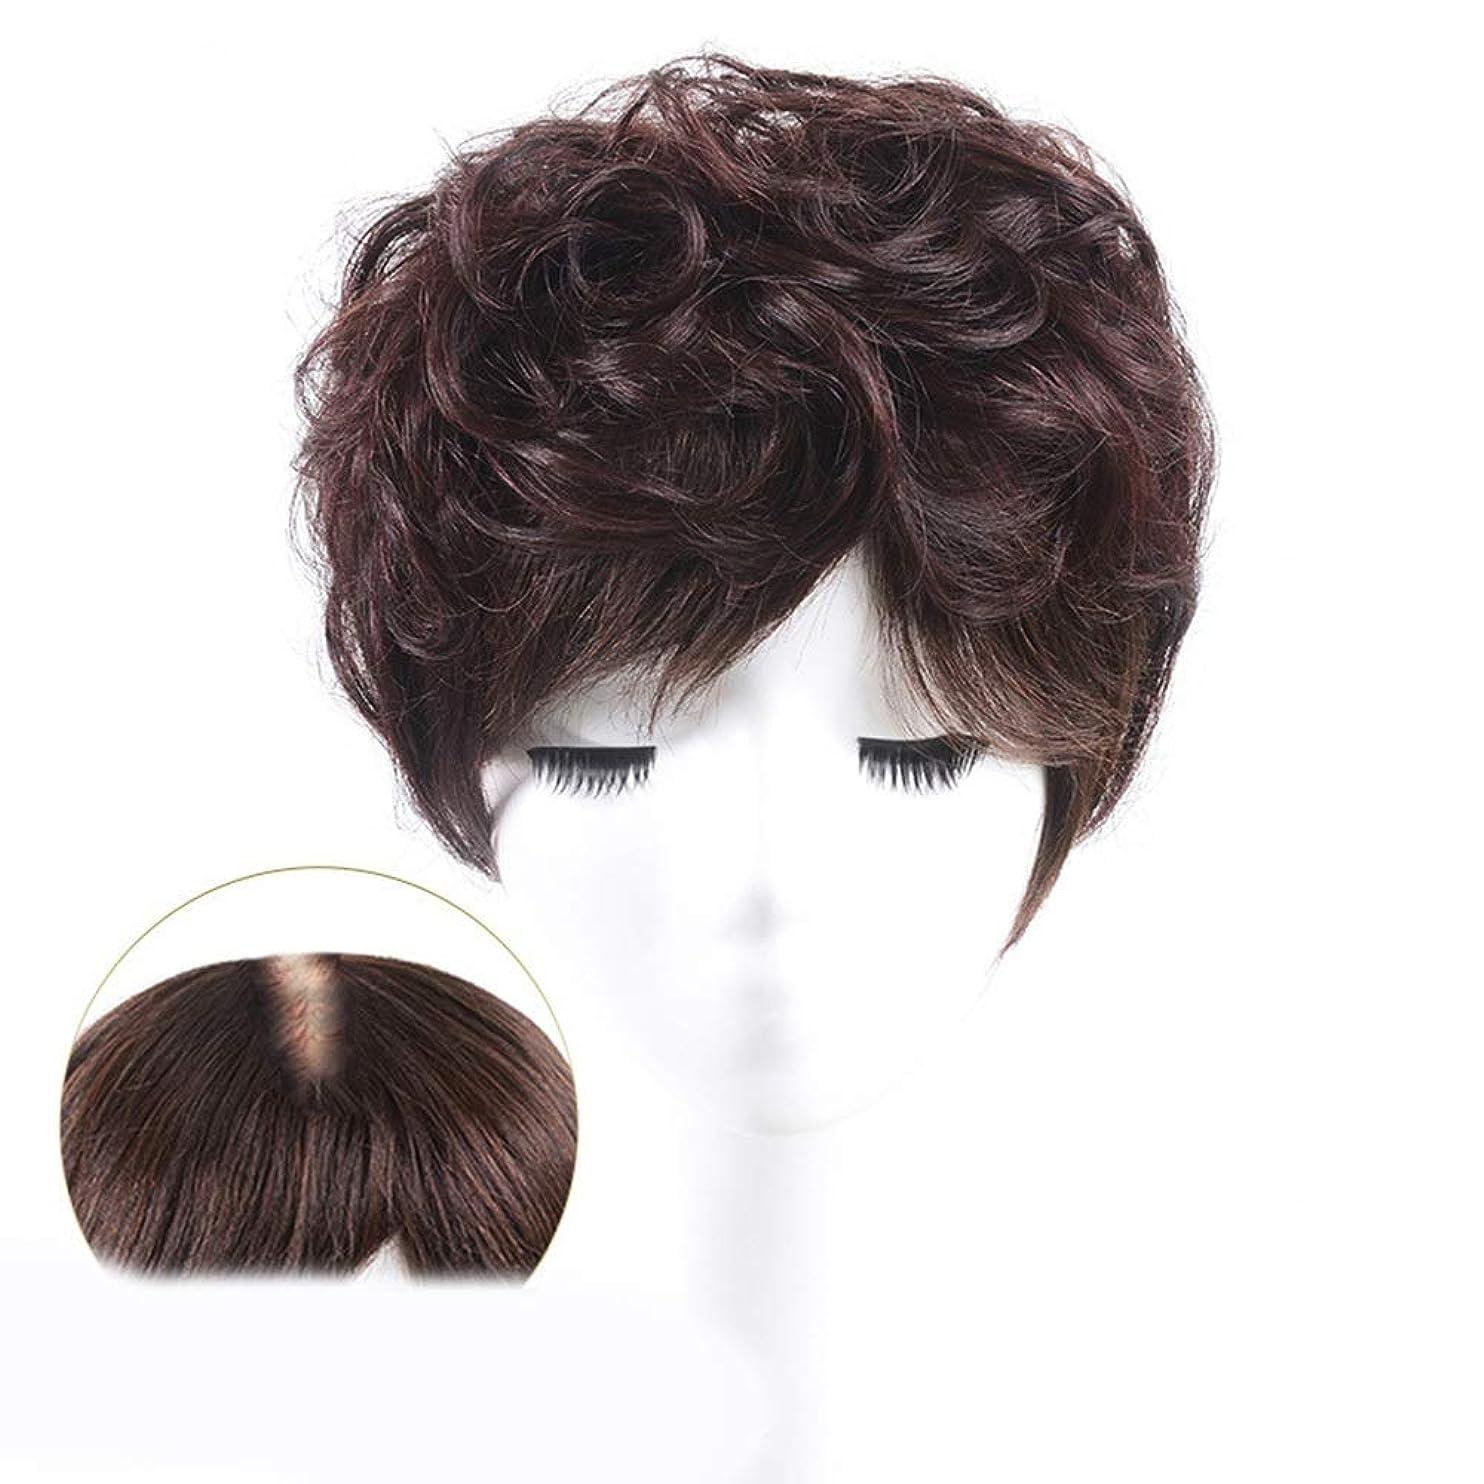 交響曲指分析的BOBIDYEE 100%本物の髪天然ふわふわショートカーリーヘアエクステンションカバー白髪ウィッグパーティーかつら (色 : Natural black, サイズ : 25cm)